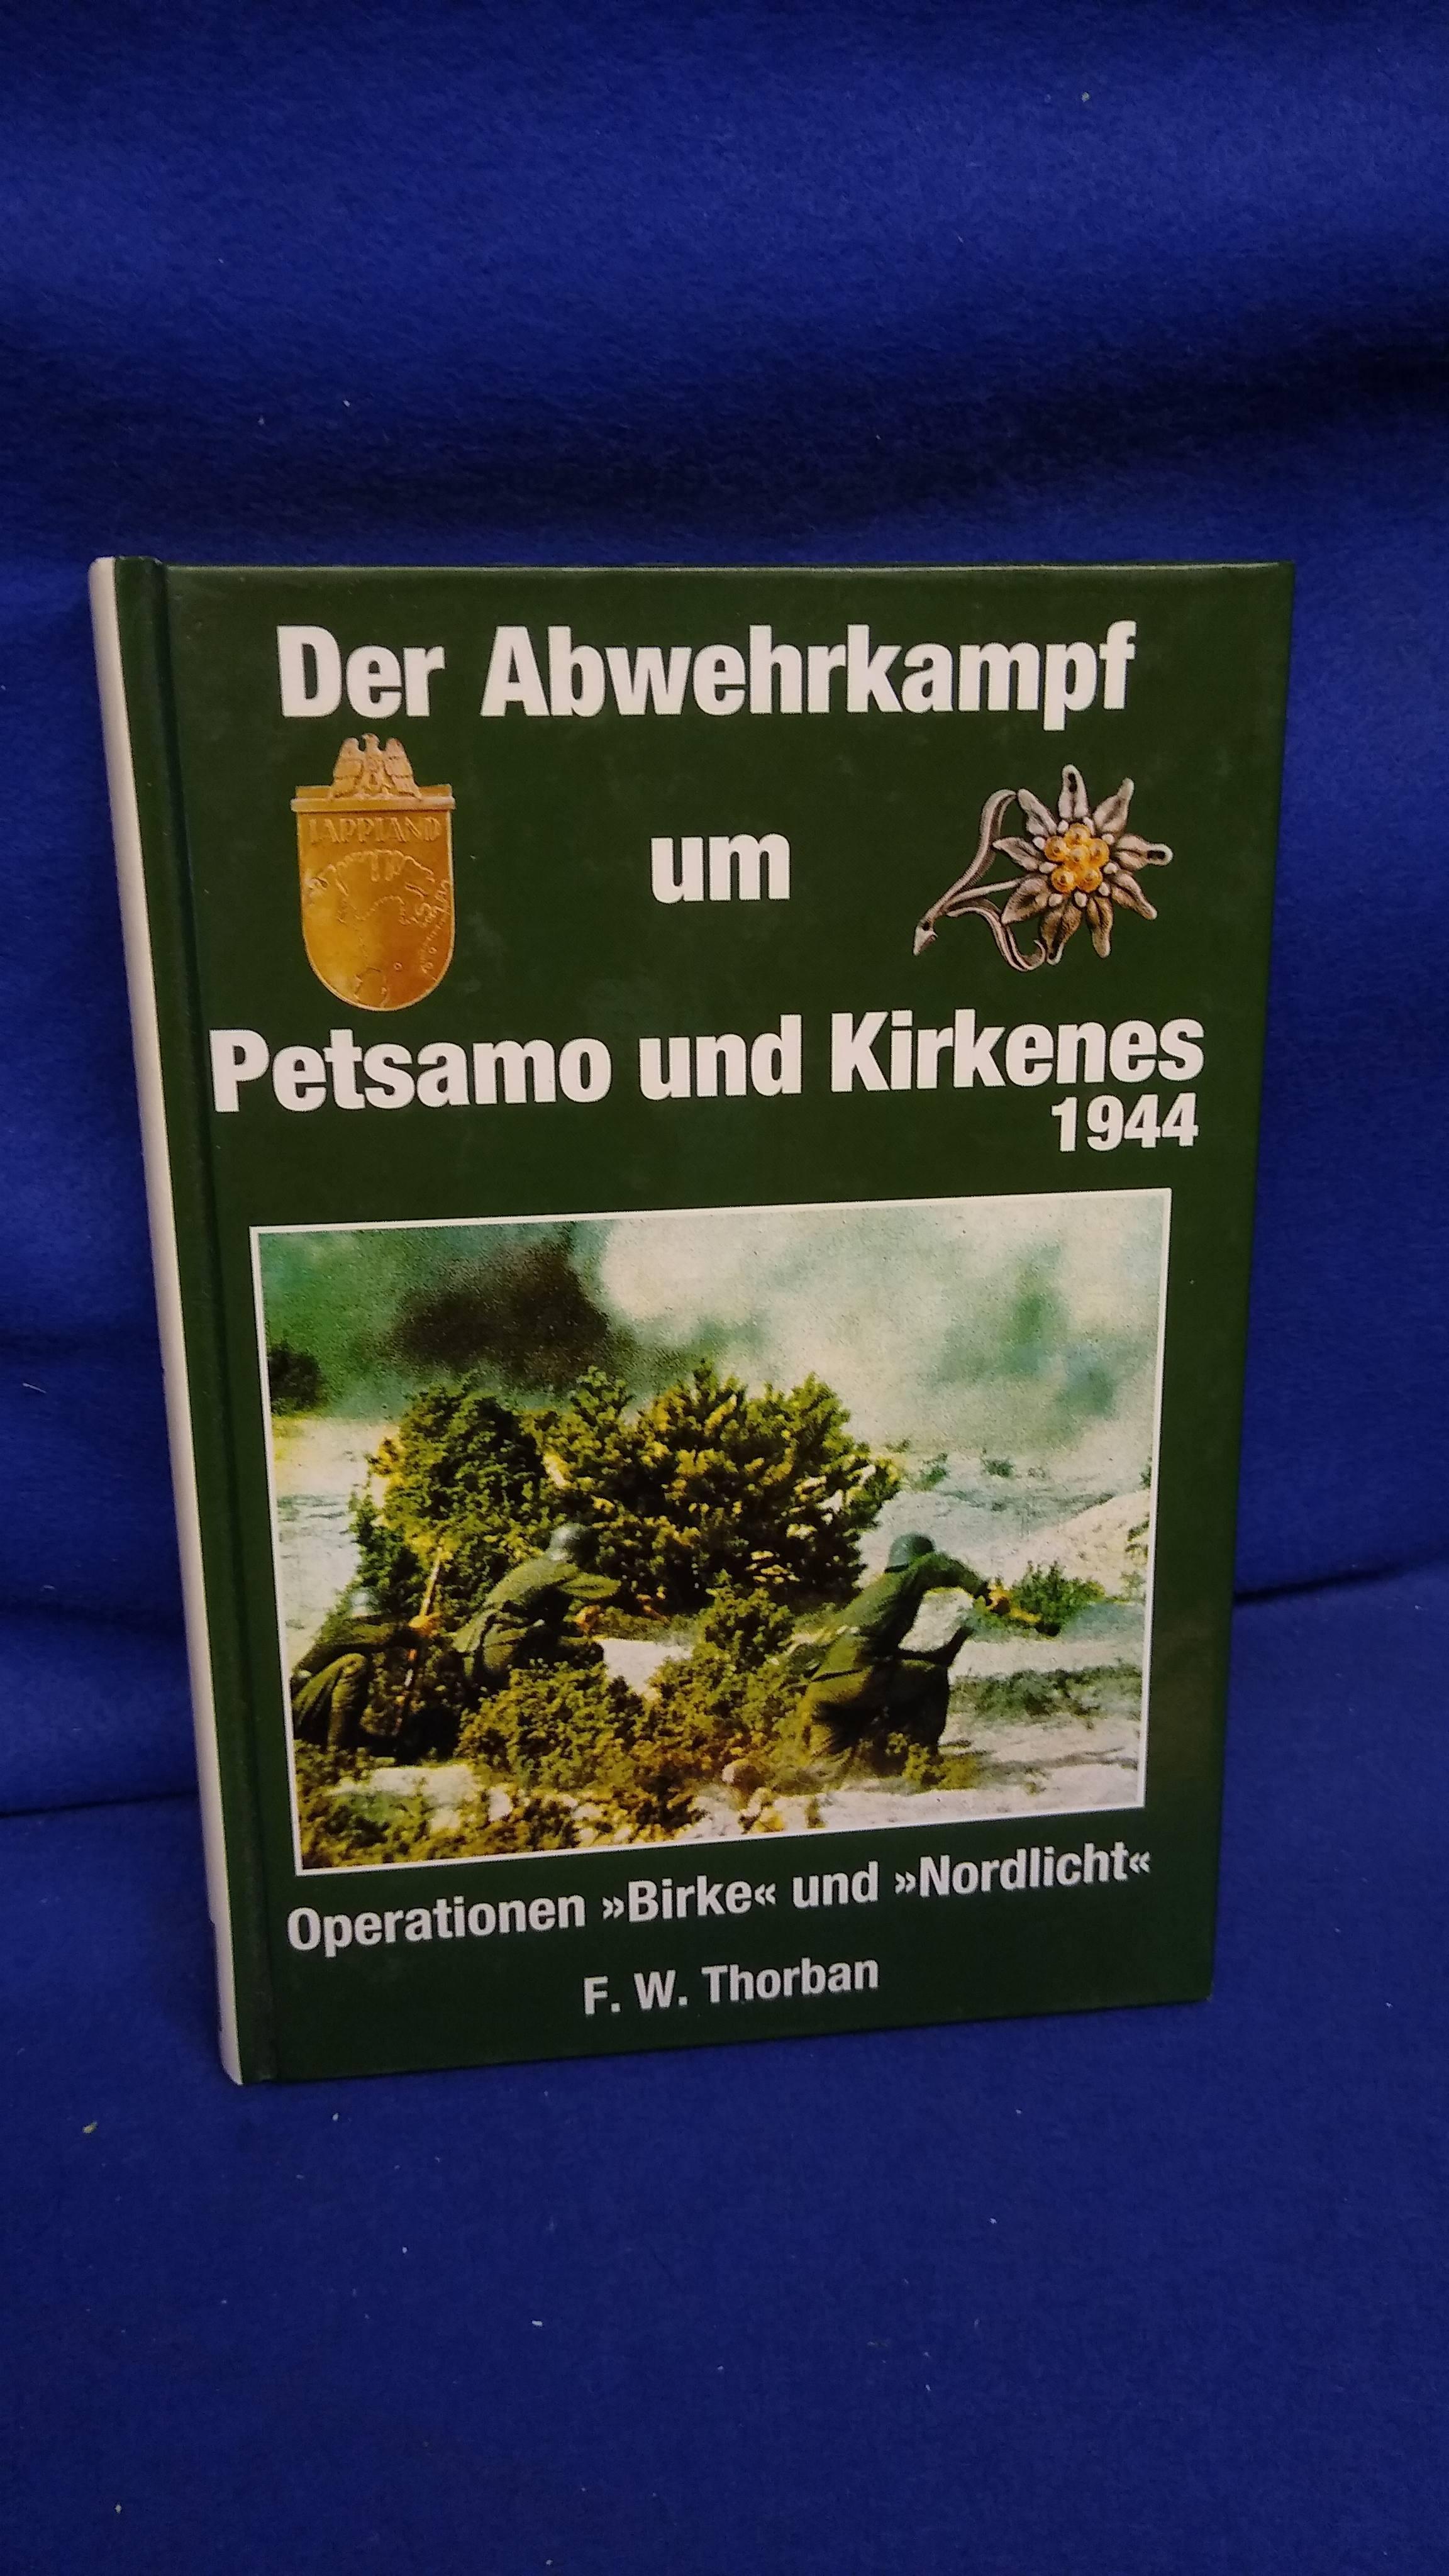 Der Abwehrkampf um Petsamo und Kirkenes 1944. Operation Birke und Nordlicht.